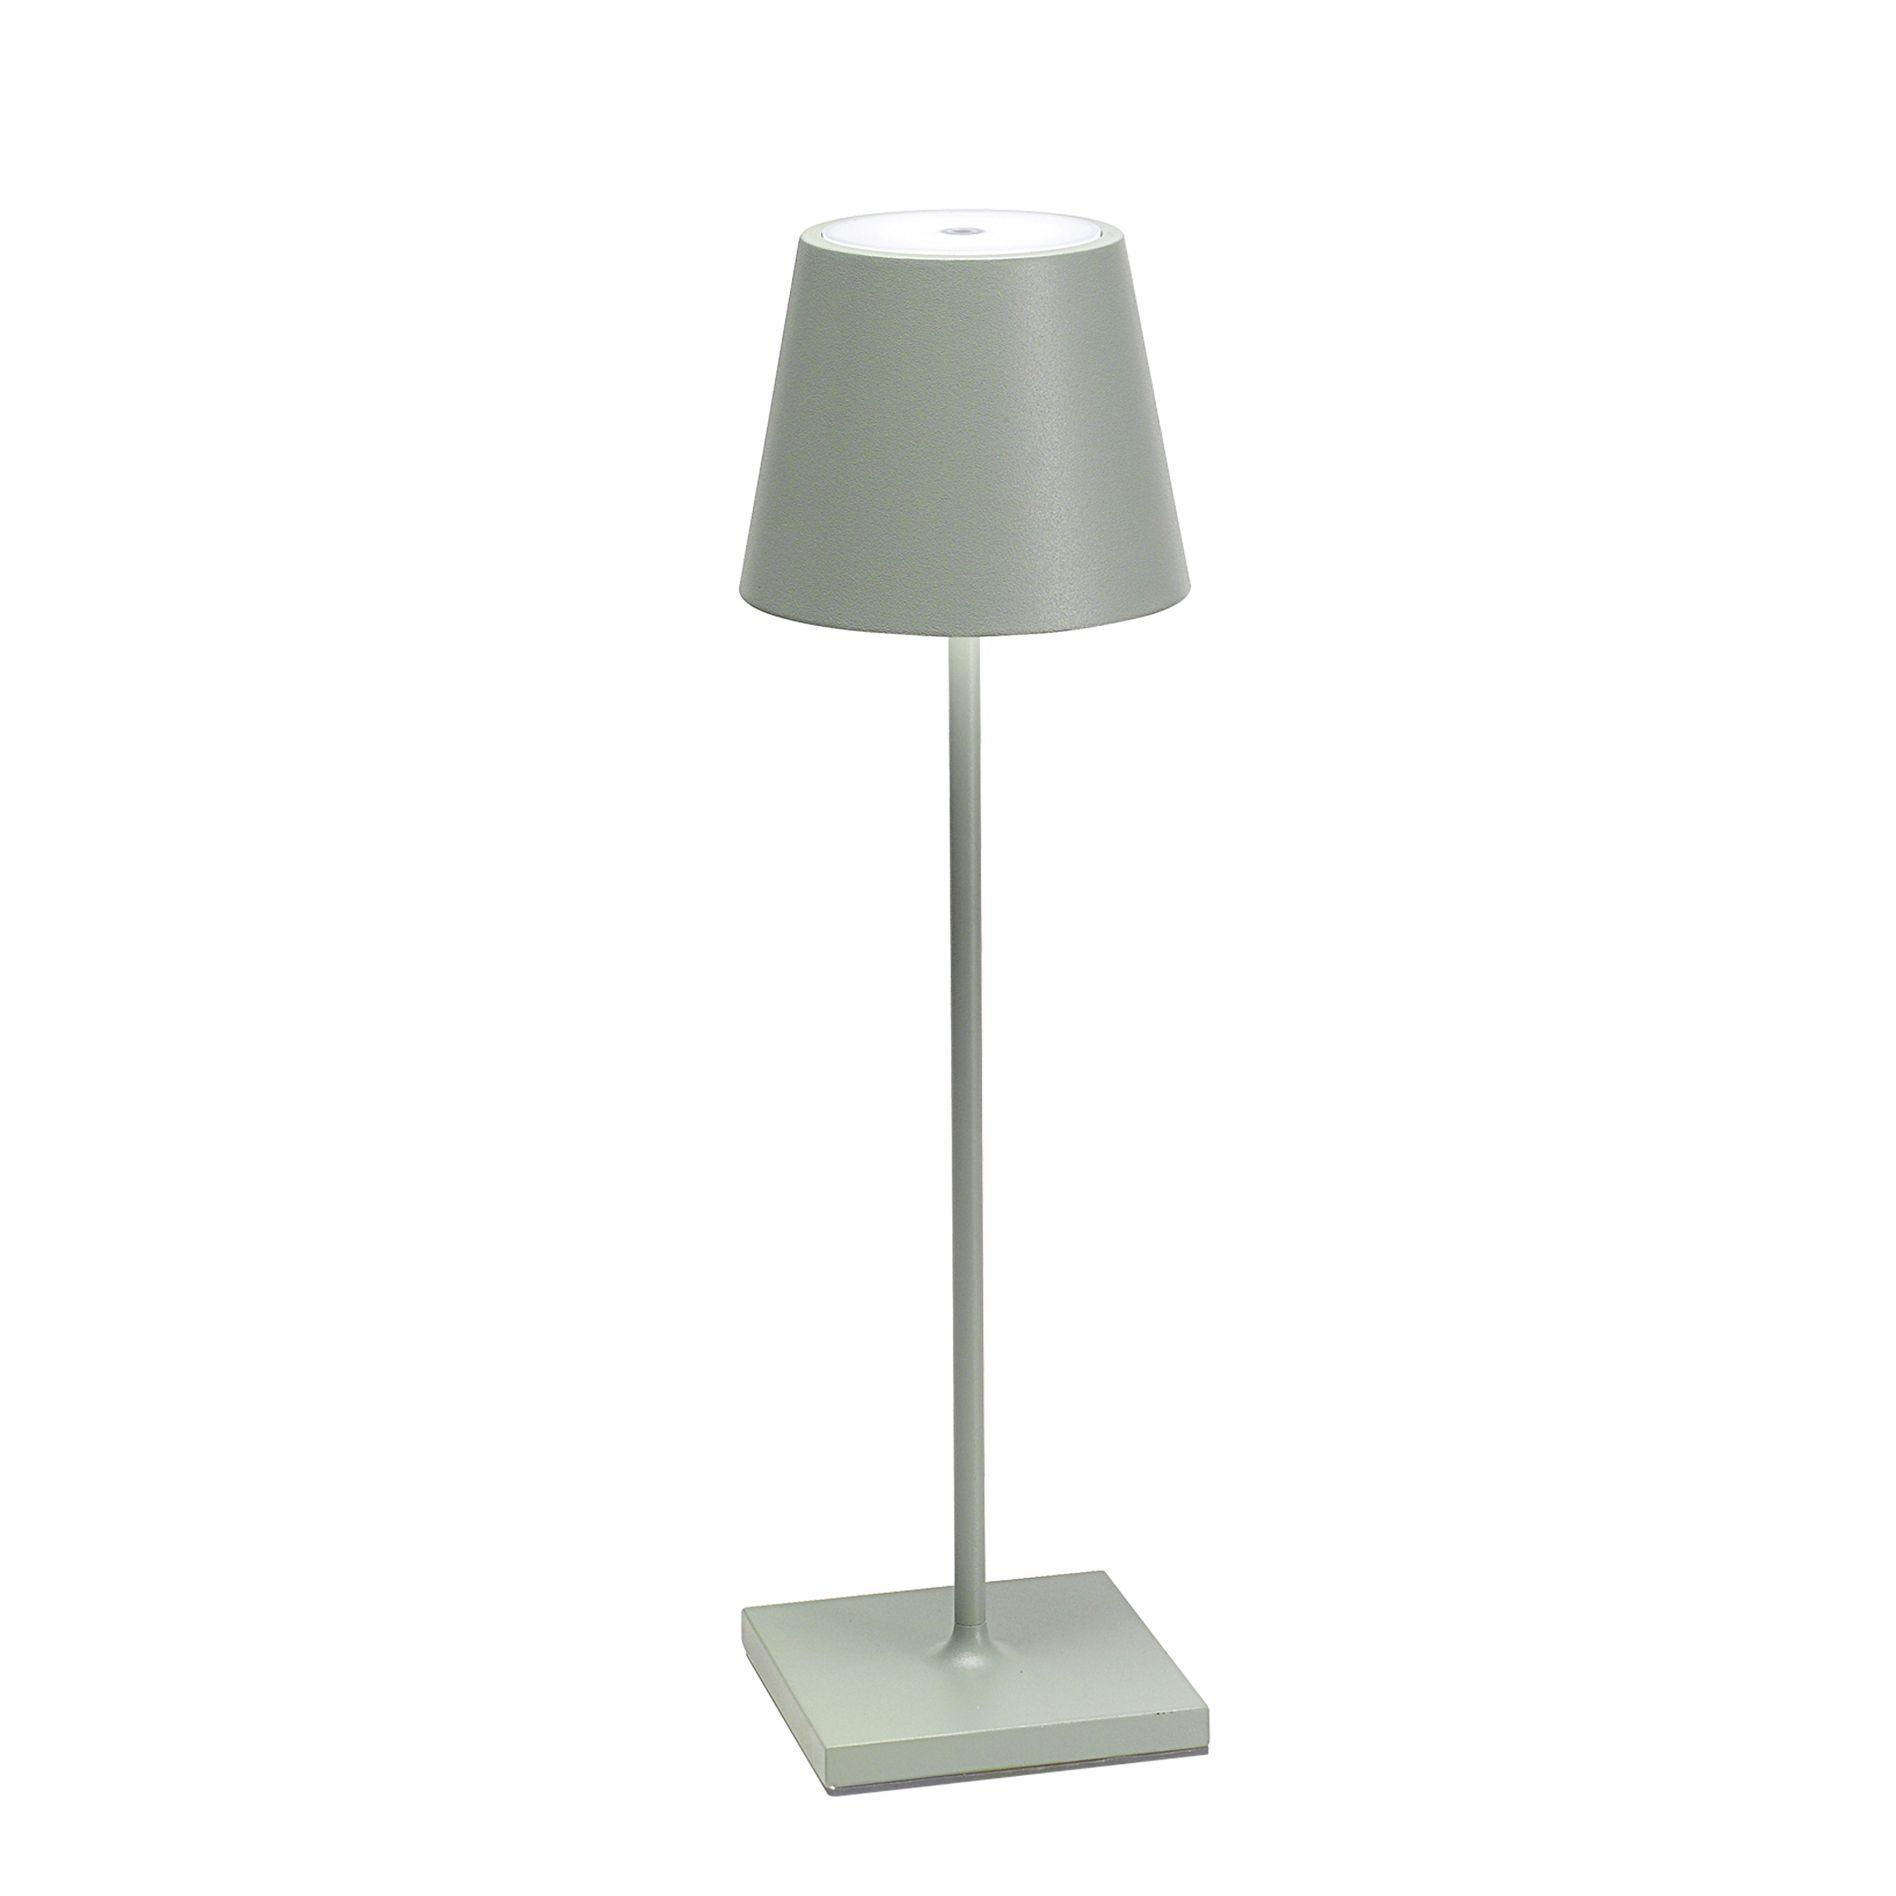 Poldina Pro Lampada Da Tavolo Con Base Di Ricarica Wireless Colore Salvia Agape Forniture